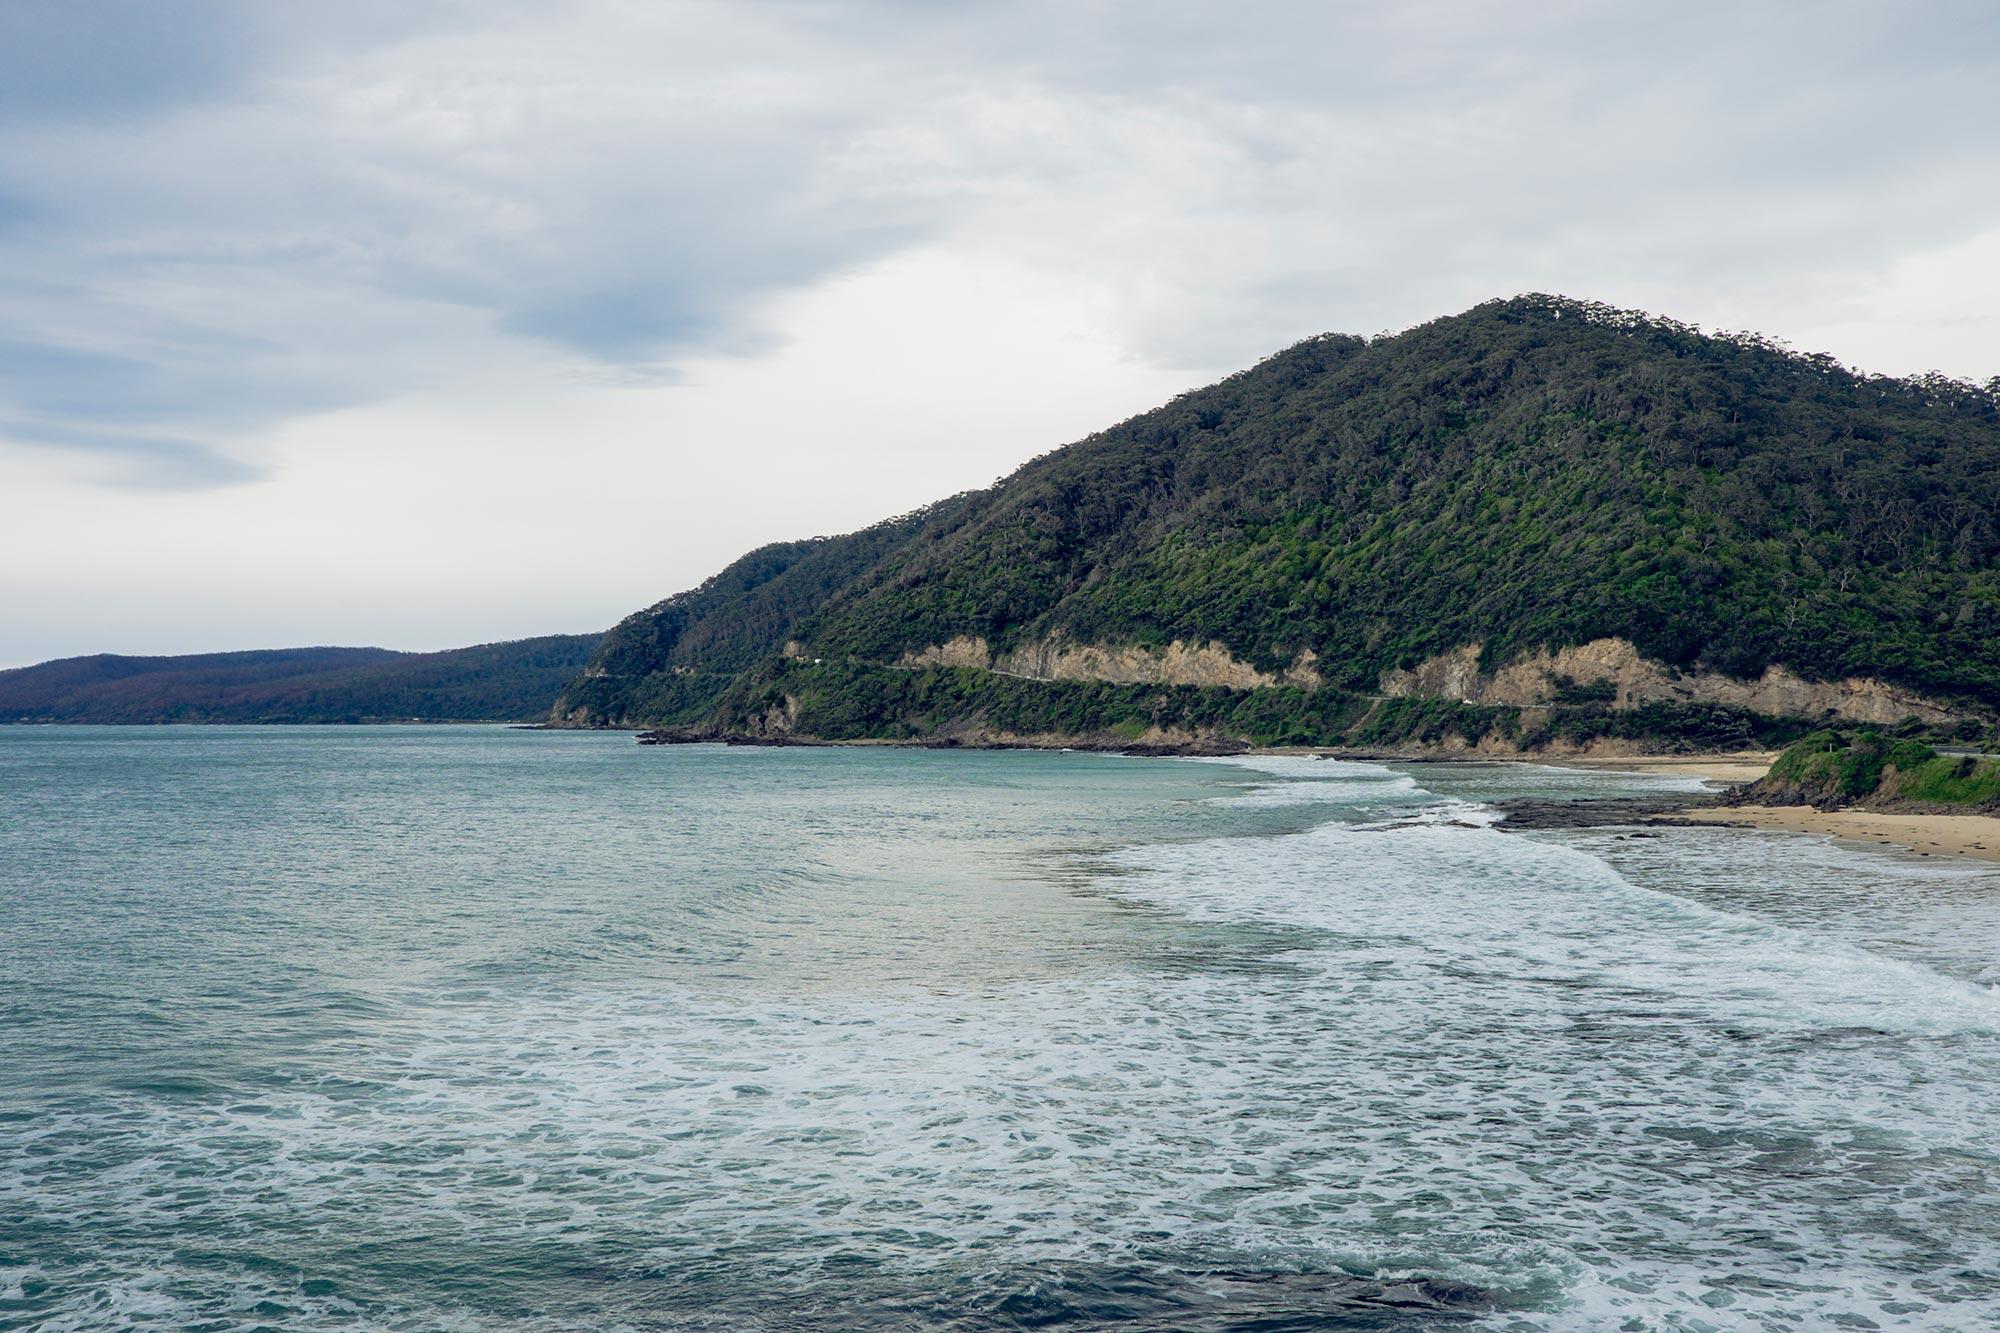 australia-melbourne-great-ocean-road-lorne-queenscliff-costal-reserve6